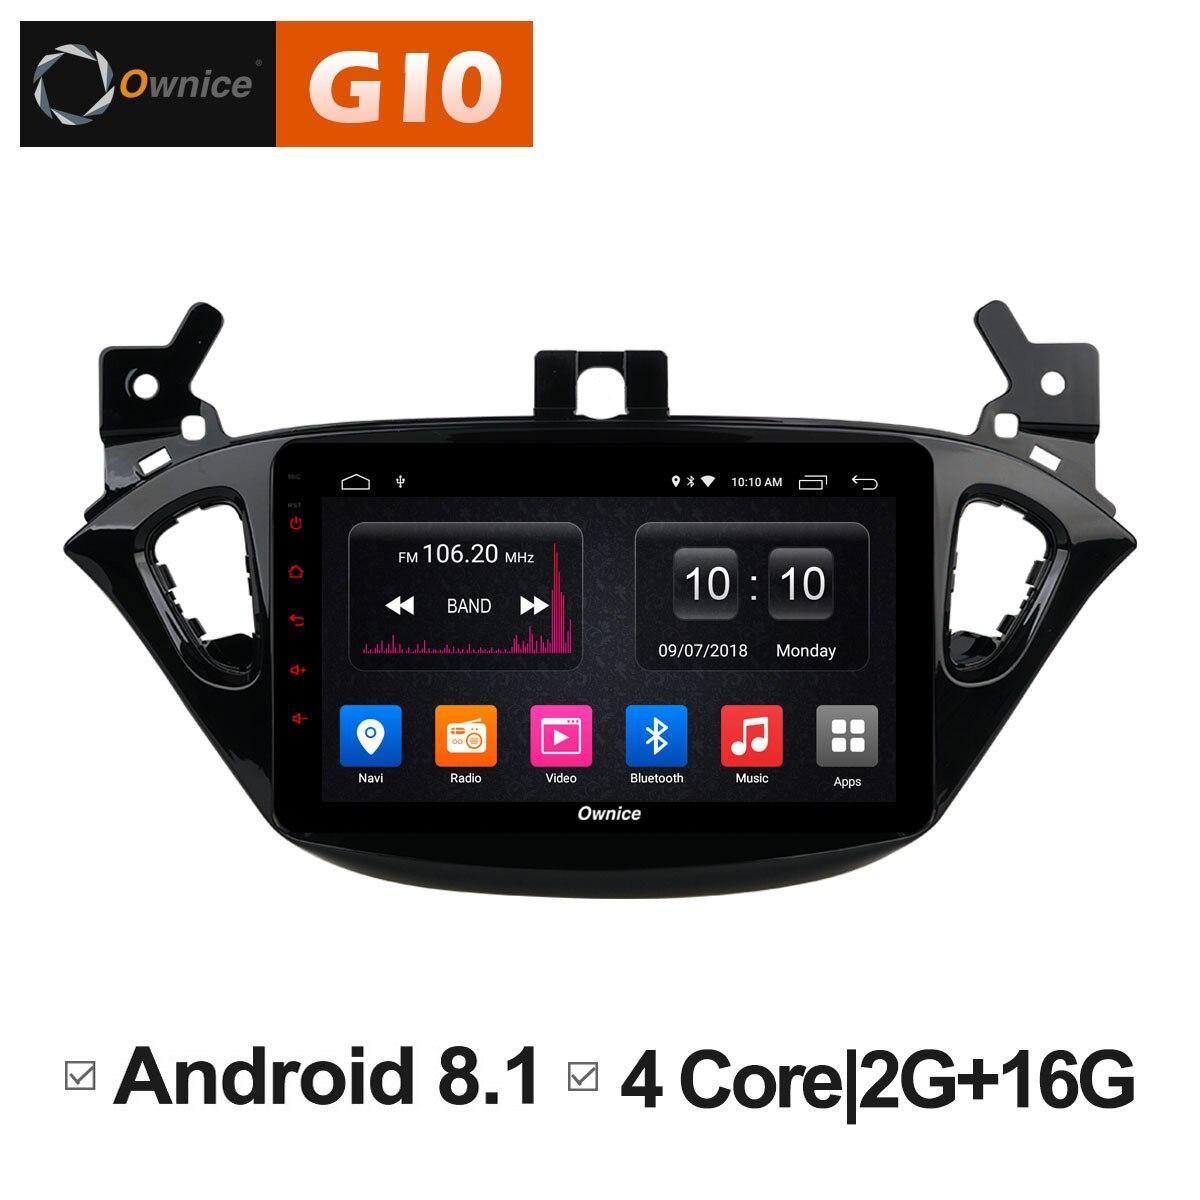 Automibile умный системы аудиомагнитолы Автомобильные DVD стерео Мультимедийный Плеер для Opel Corsa 2015 радио gps 4 г LTE DAB + DVR TPMS OBD DVR